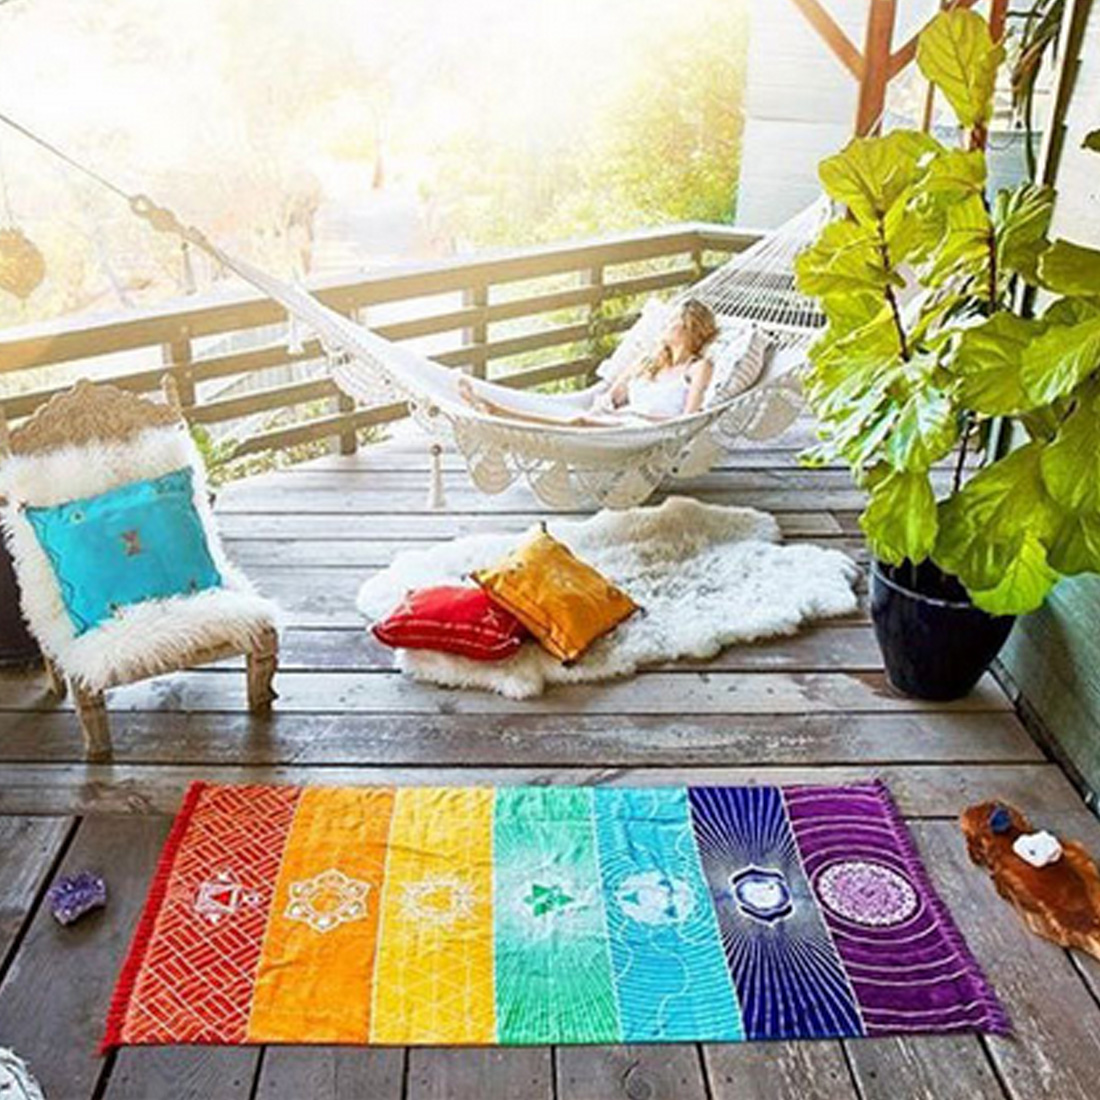 Yoga-Matte Tapisserie Regenbogen 7 Chakra Streifen Strand Handtuch Sommer Wandbehang Mandala Decke Reise Sonnencreme Schal Hippie Boho